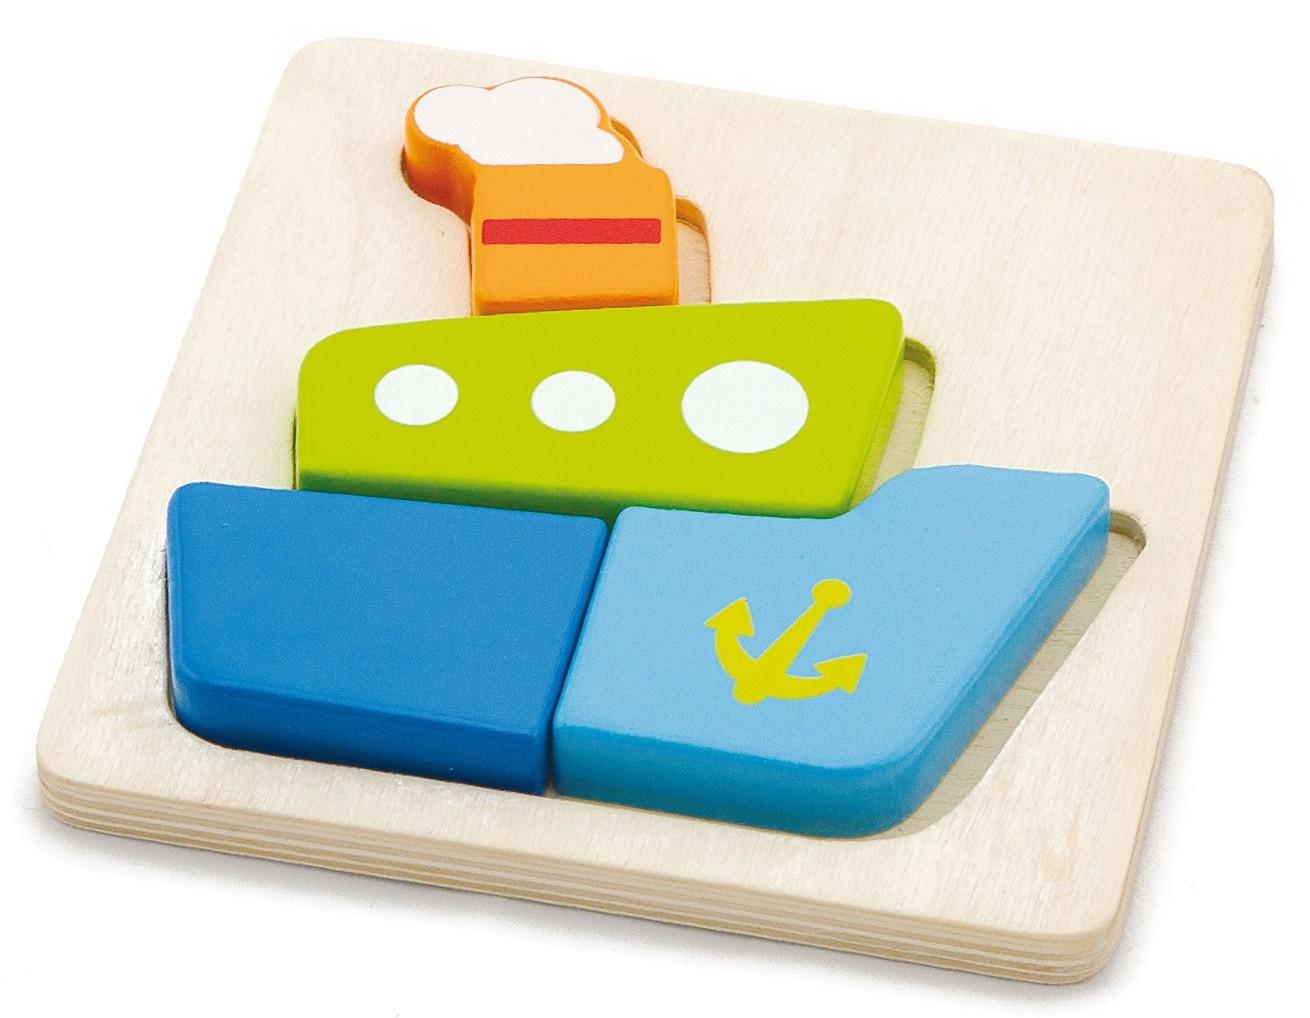 Пазл для малышей Viga Вкладыш Кораблик деревянный, 1693816938Деревянный пазл Кораблик разработан специально для малышей. Он состоит из 4 деталей. Пароход можно собирать внутри специальной рамки или на любой плоской поверхности. Сборка внутри рамки проще для ребенка - легче подобрать для детали свое место и детали не разъезжаются в процессе сборки.Игра с таким пазлом тренирует пространственное мышление и мелкую моторику рук малыша.Упакована игра в картонную коробку с окошком.